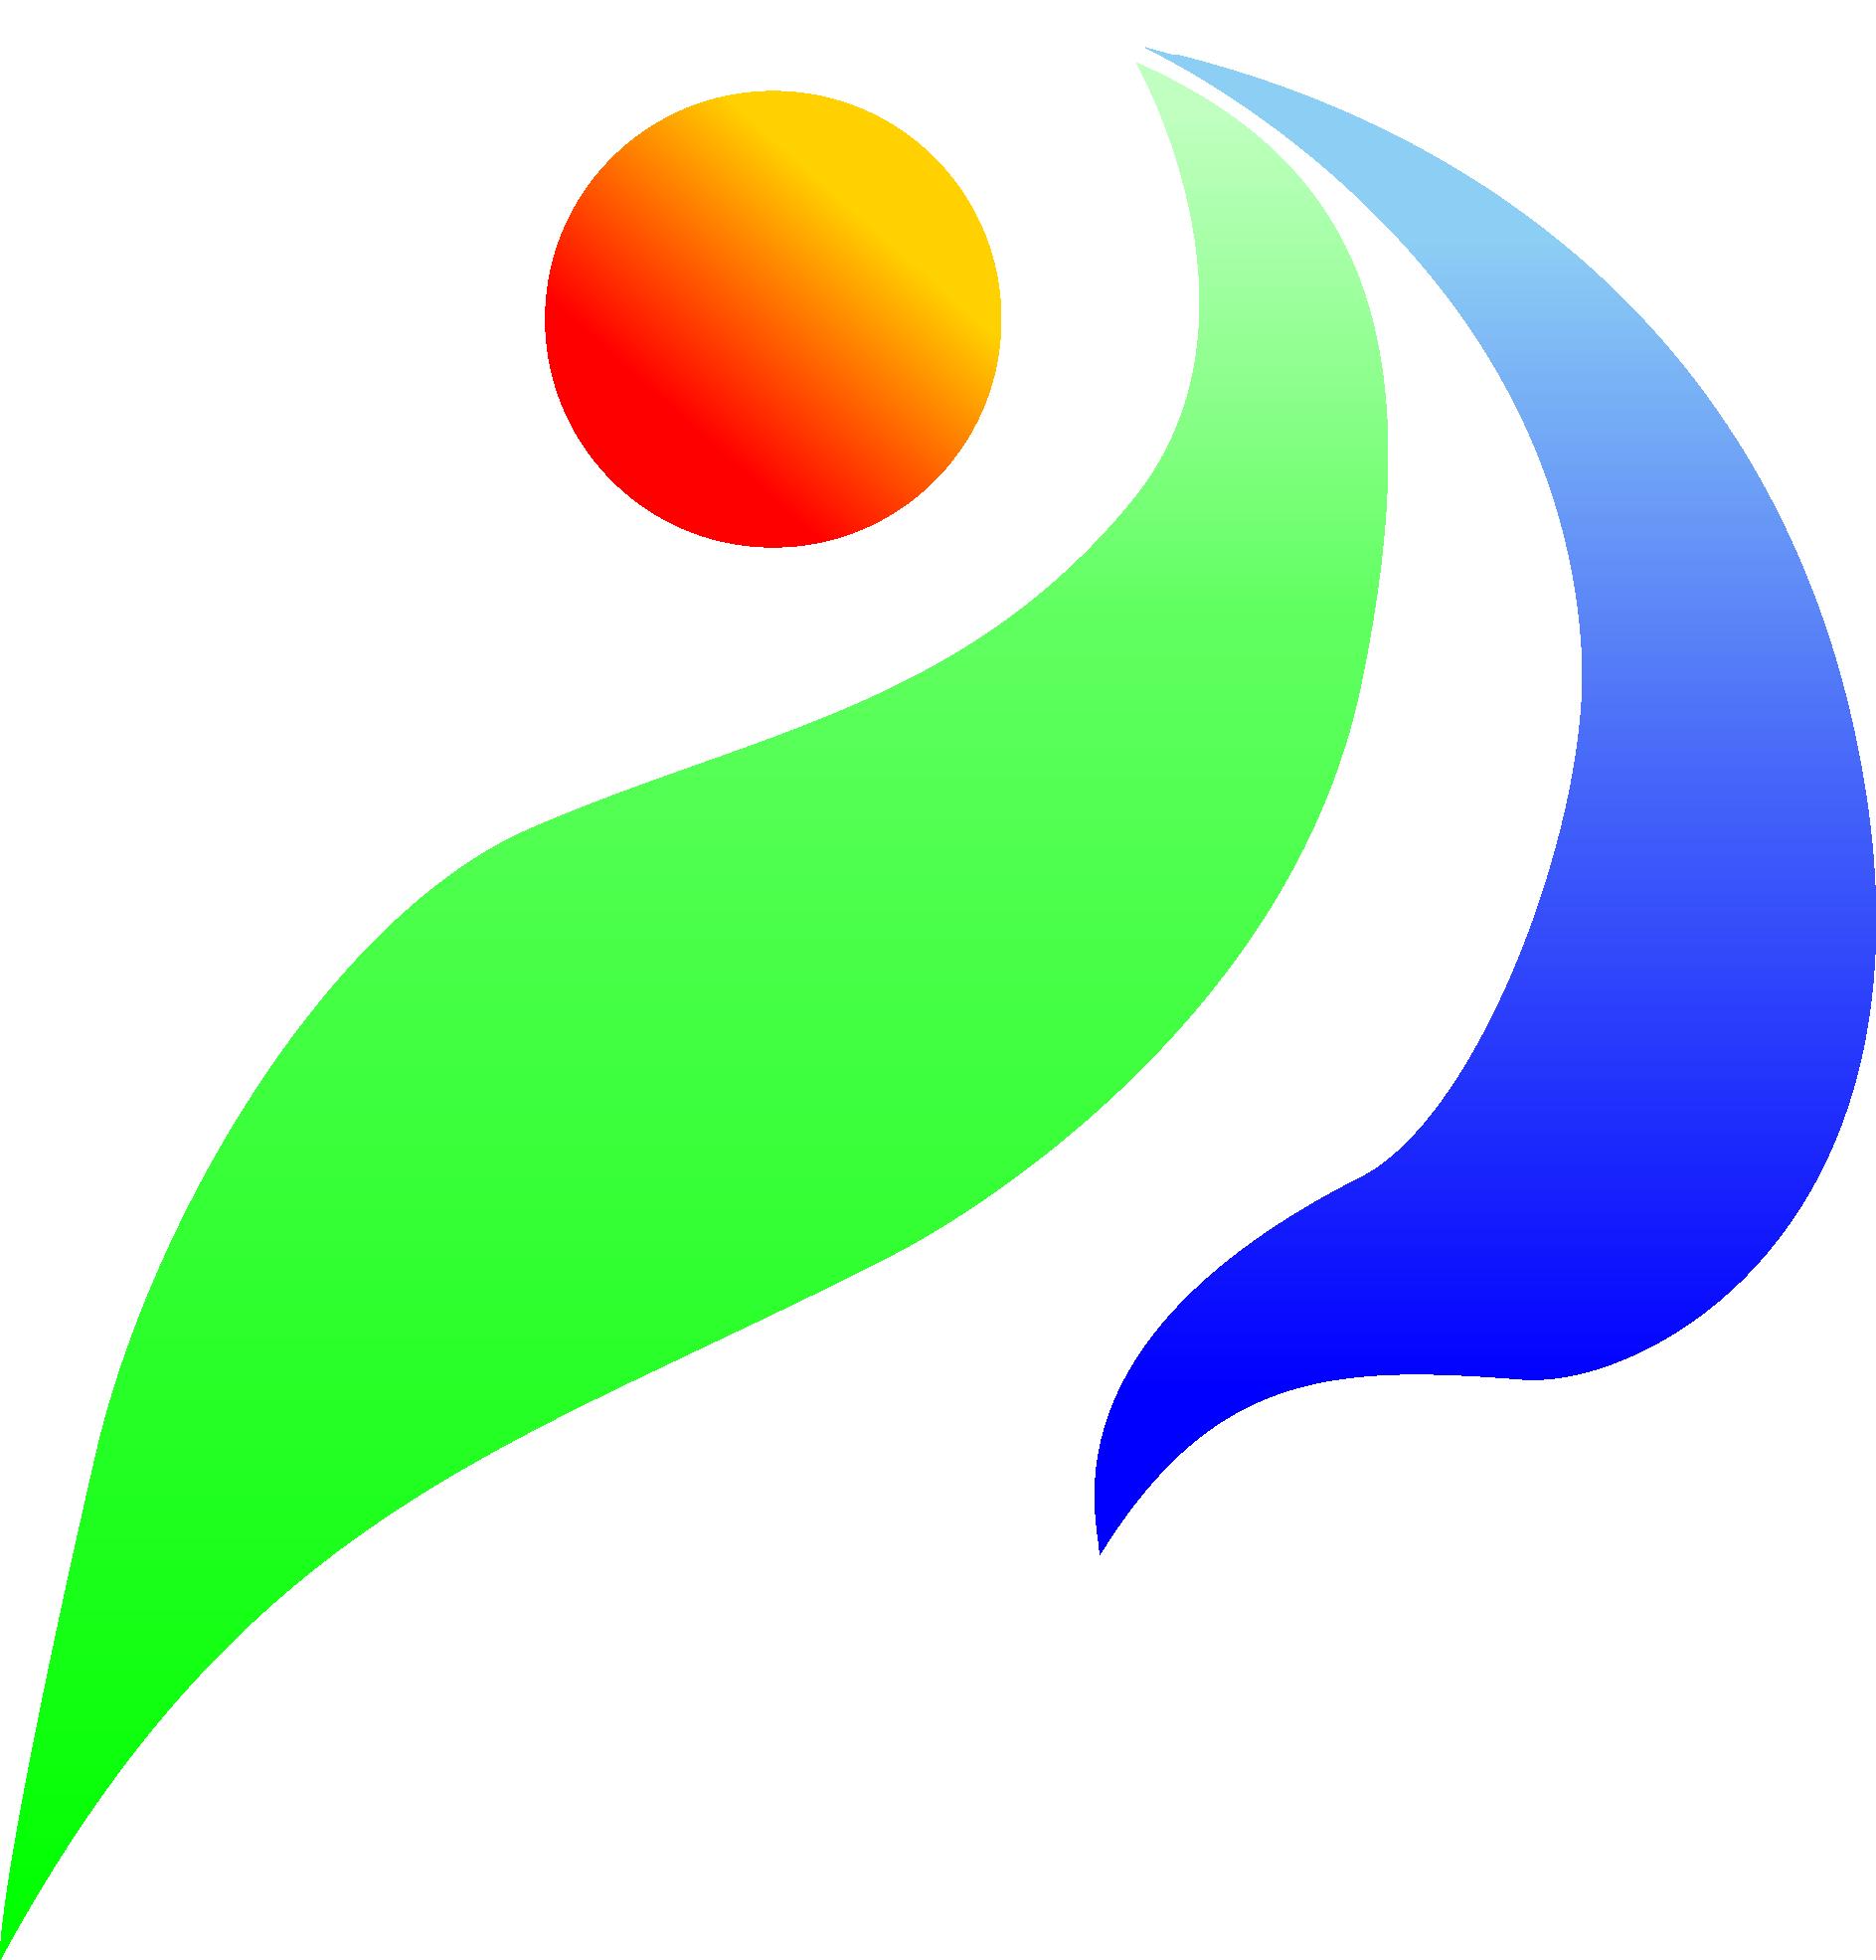 """深圳市聚鑫光彩显示技术限公司于2010年注册成 立,是一家实力雄厚,集研发、设计、生产、销 售、服务于一体的综合性高科技企业。本公司汇聚了一支朝气蓬勃的高科技专业技术队伍,勇于创新,勇敢实干,致力于引领LED显示屏行业潮流。公司自成立以来,在生产经营过程中,不断探索,革新,累积了丰富的生产及质量管理经验。凭借先进的生产设备,招揽行内资深人才和技术人才的优势,并结合自身""""求实、进取、创新、诚信为本""""的经营理念,以及对产品精益求精的严谨态度,现已成为LED显示屏综合制造商,产品已远销北"""